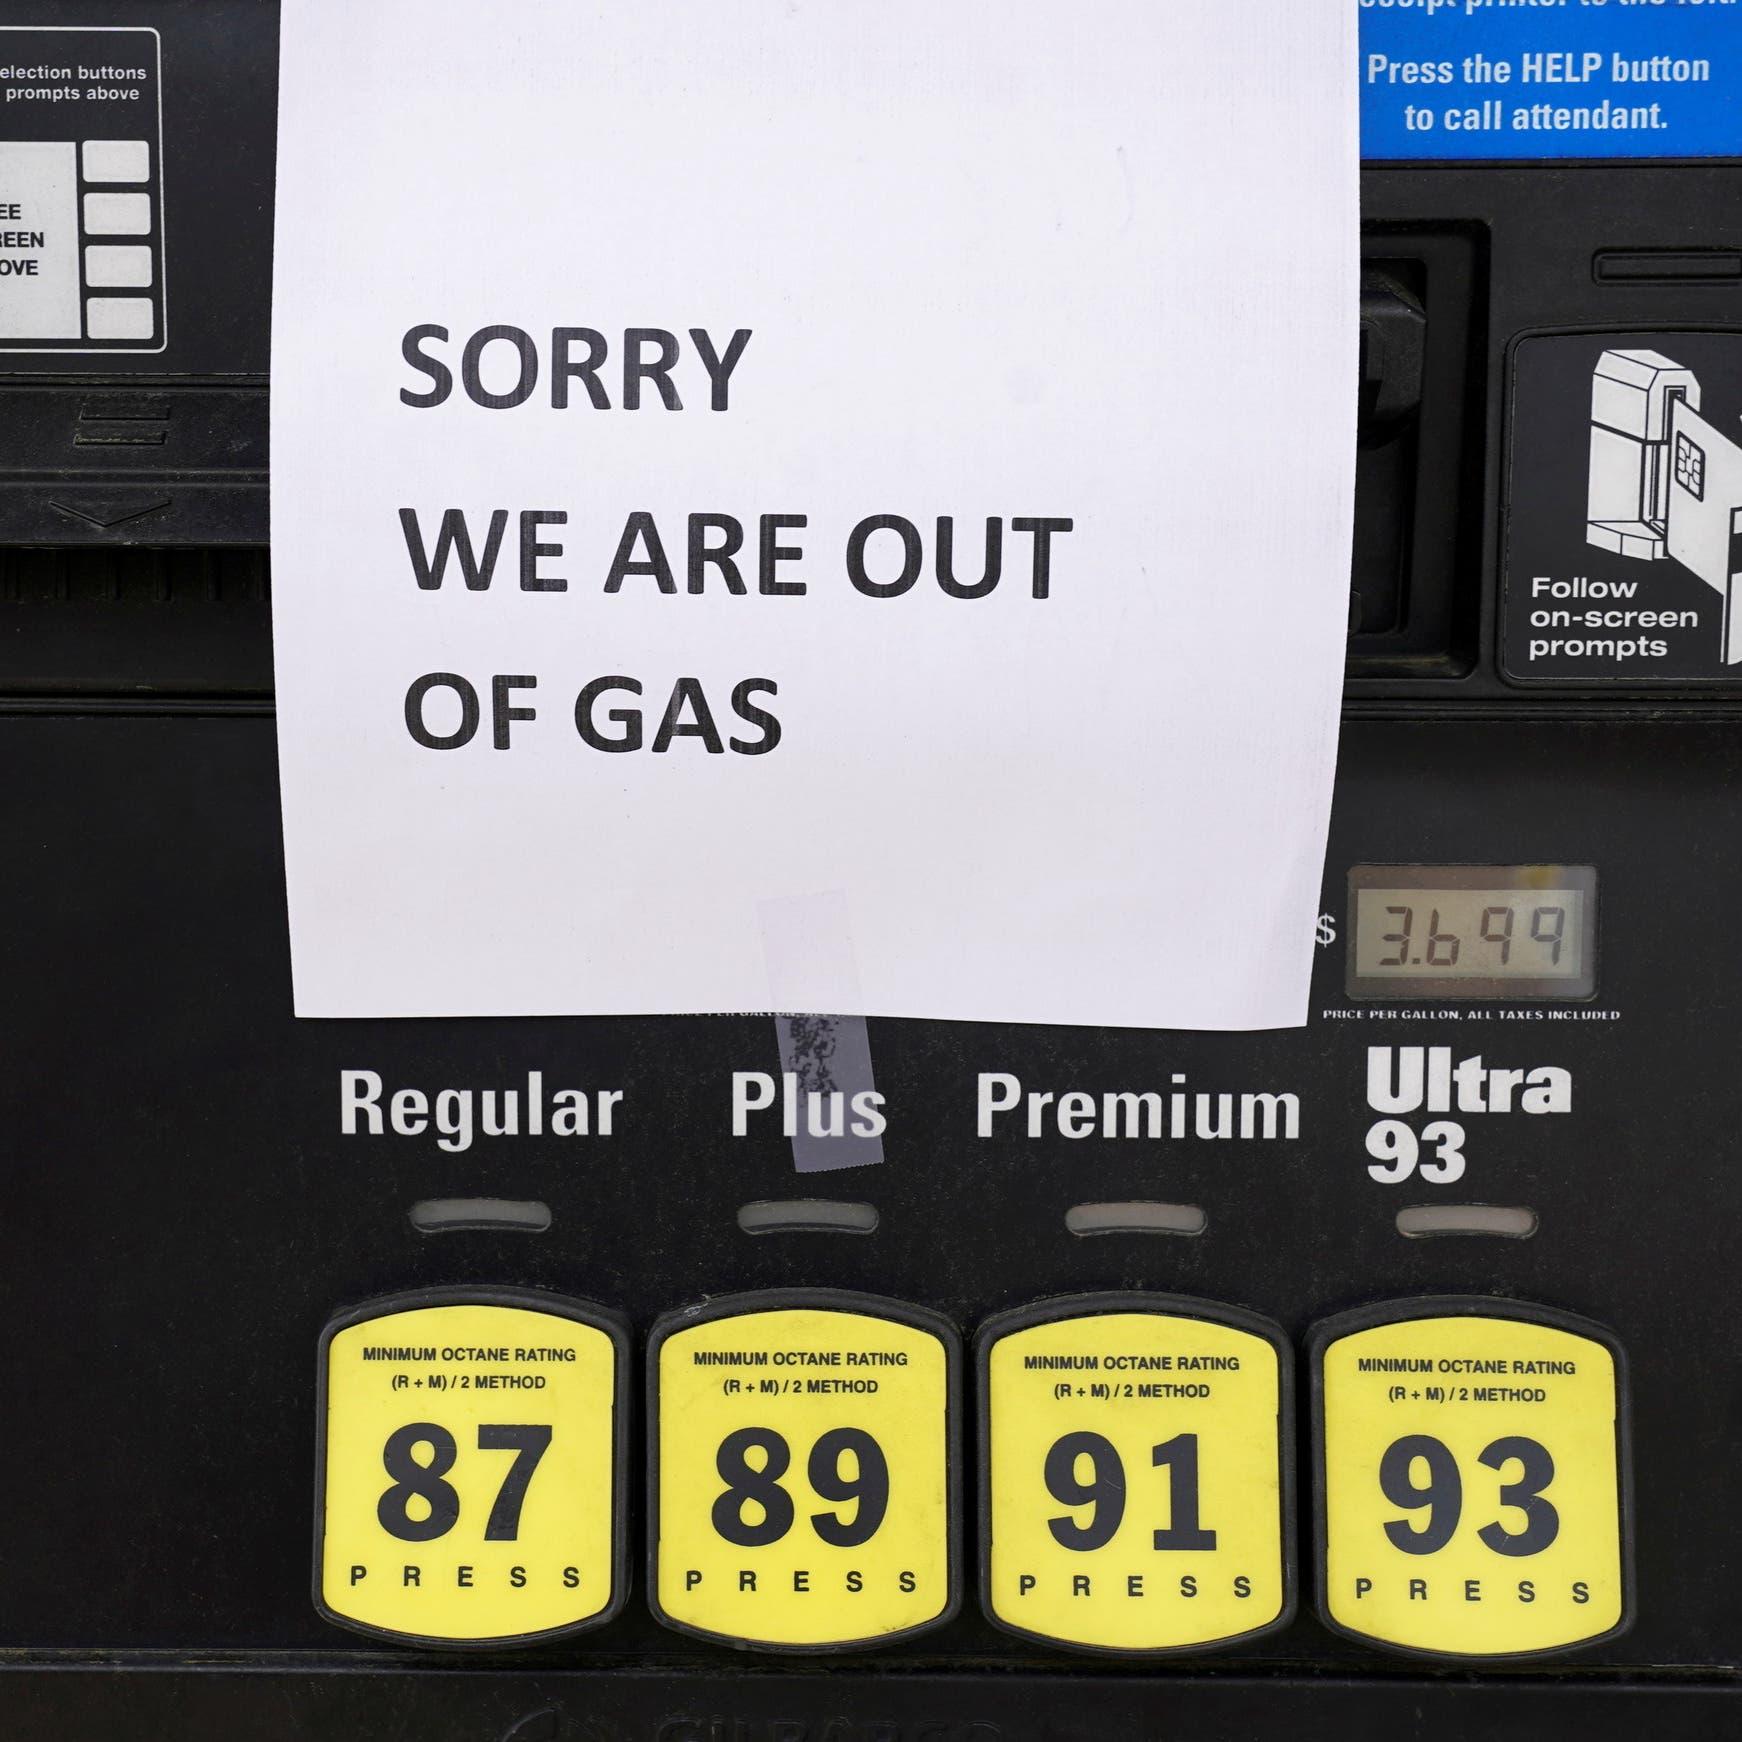 بريطانيا تتعهد بحماية المستهلكين من ارتفاع أسعار الغاز